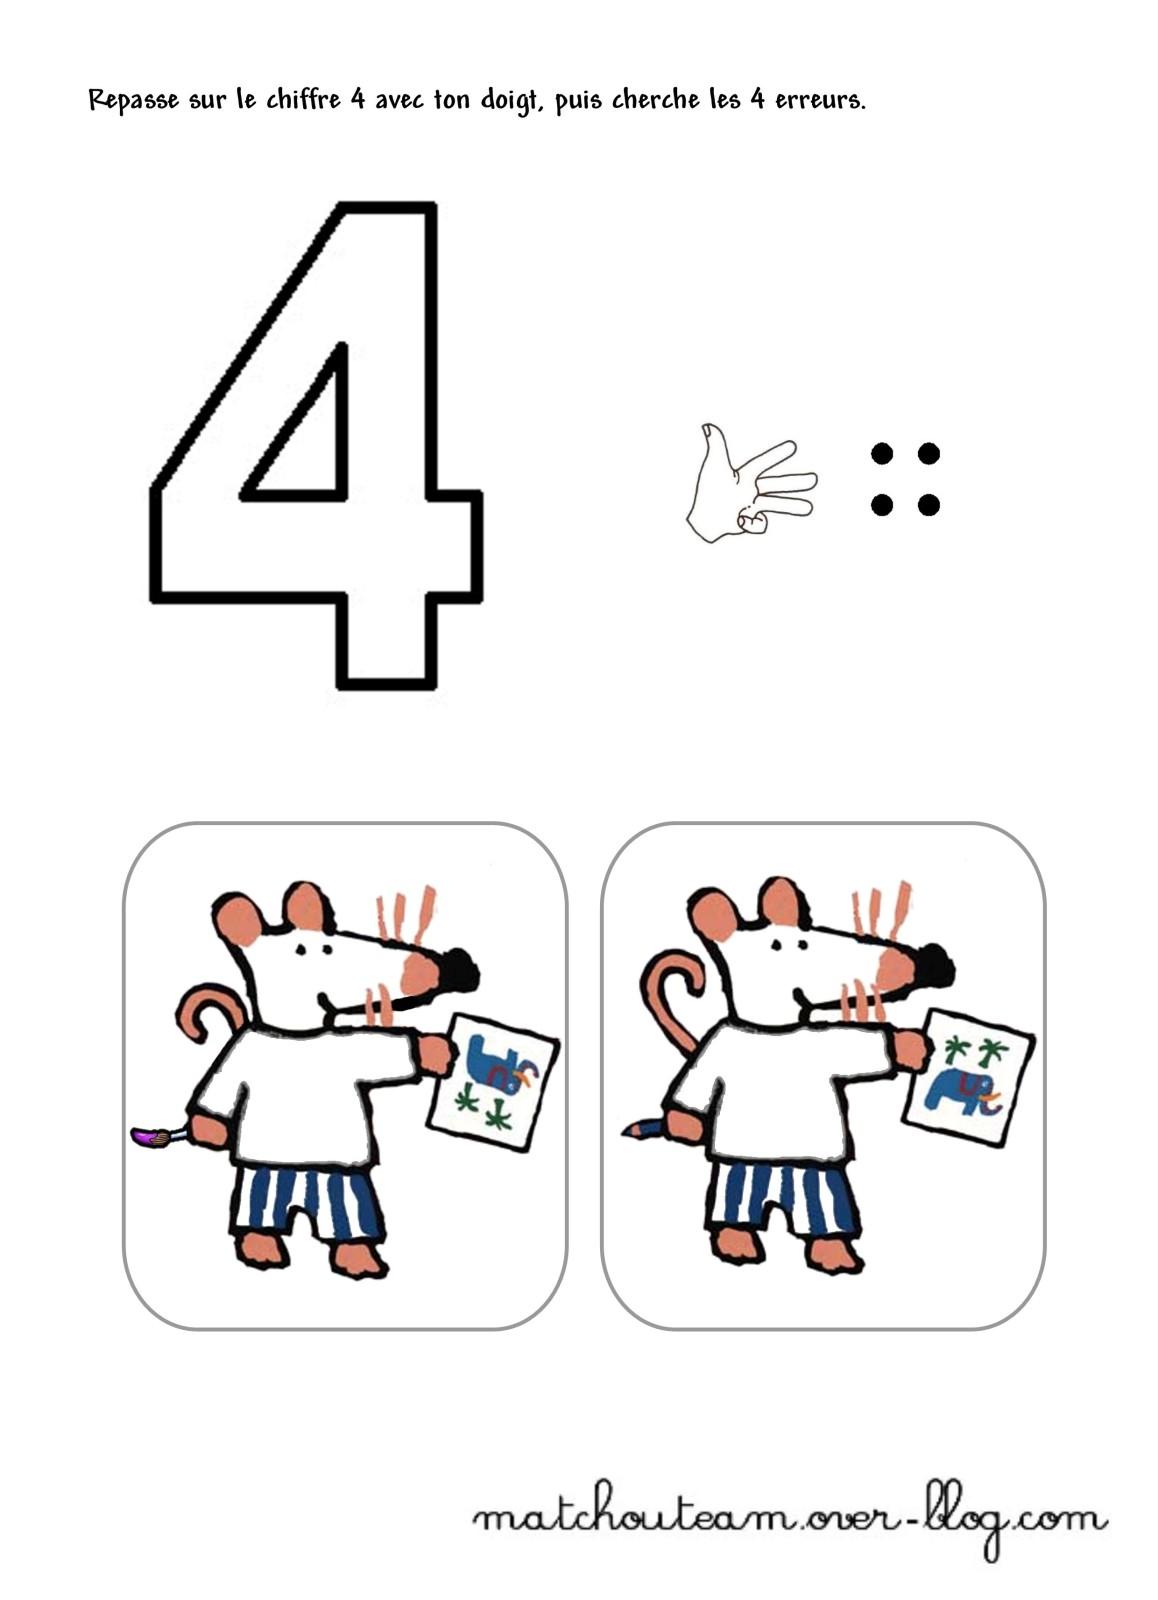 Avis jeux de mimi la petite souris test comparatif le meilleur produit 2019 - Jeux de mimi la souris ...